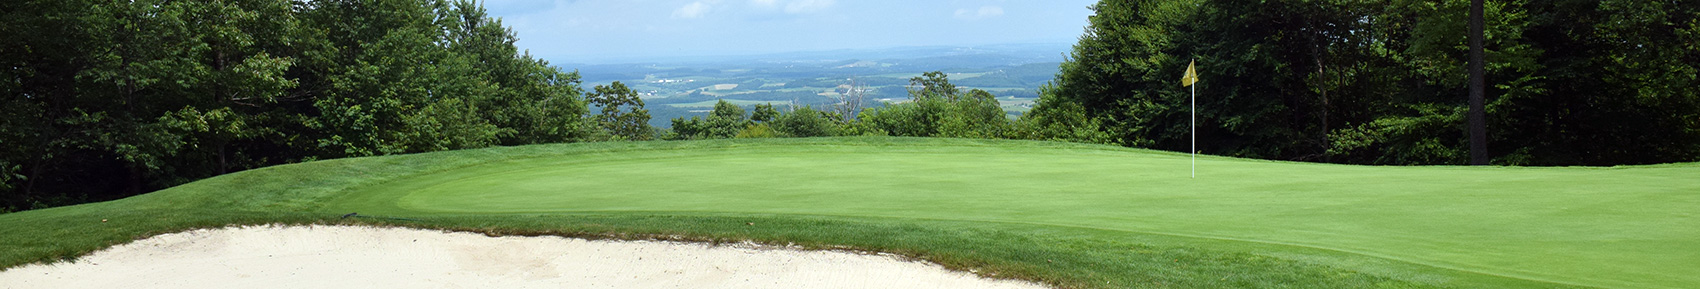 golf-green-1